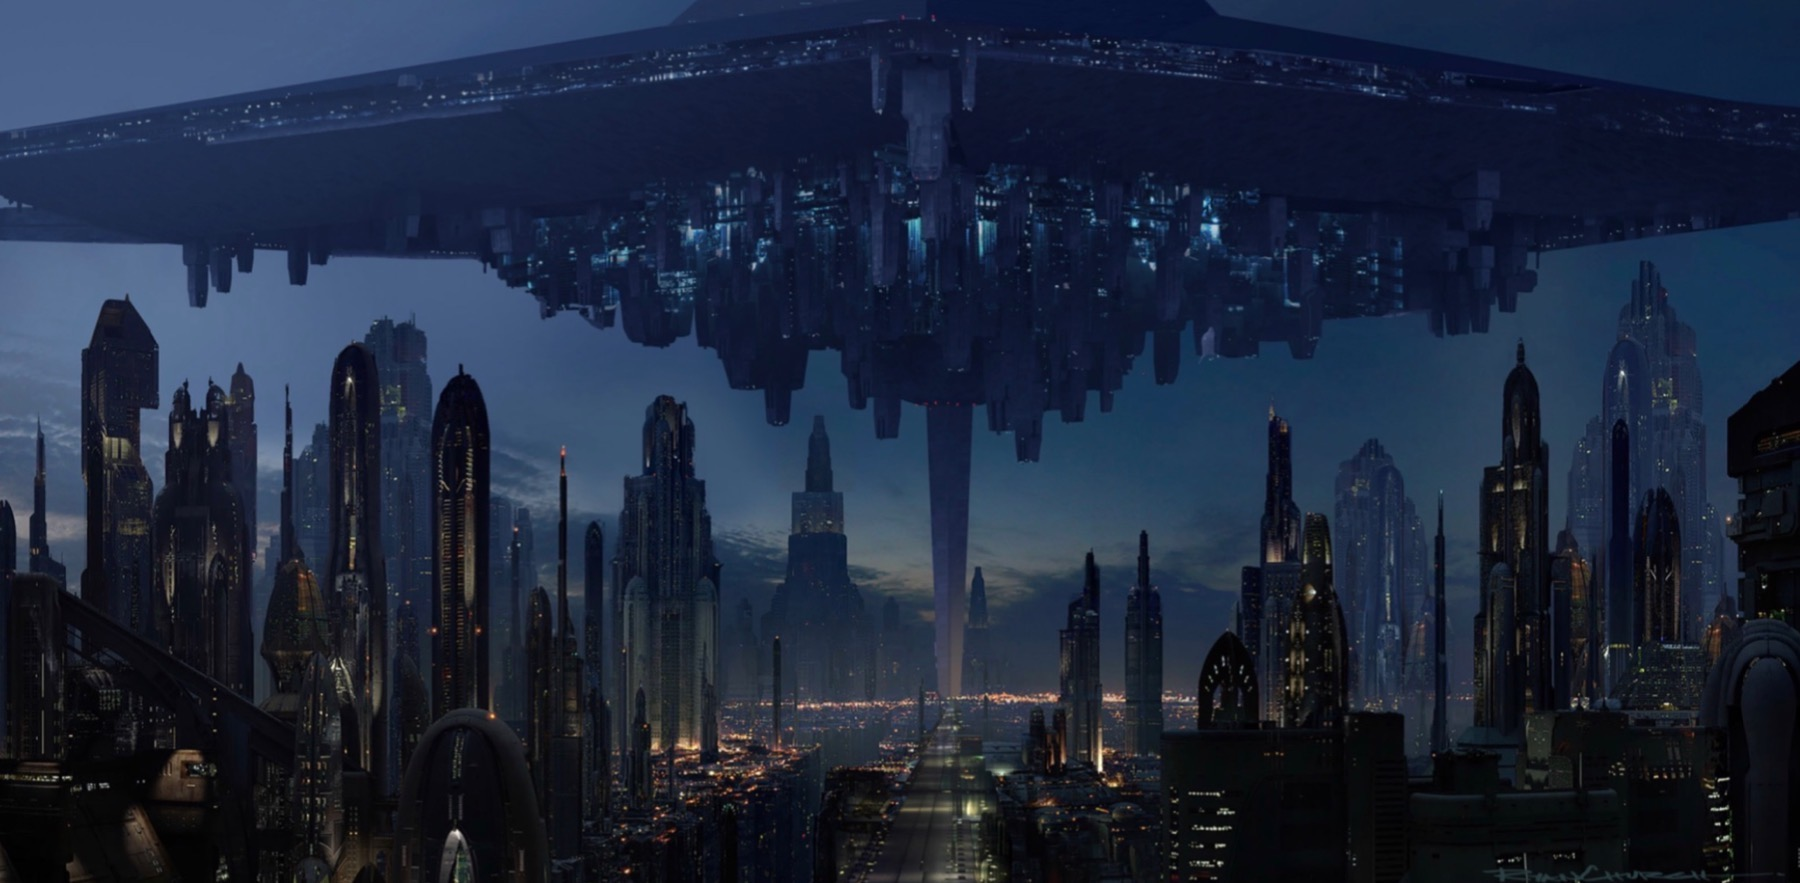 Как выглядел бы эпизод IX «Звезных войн», если бы его снимал Колин Треворроу? Появились концепт-арты фильма «Дуэль судеб»